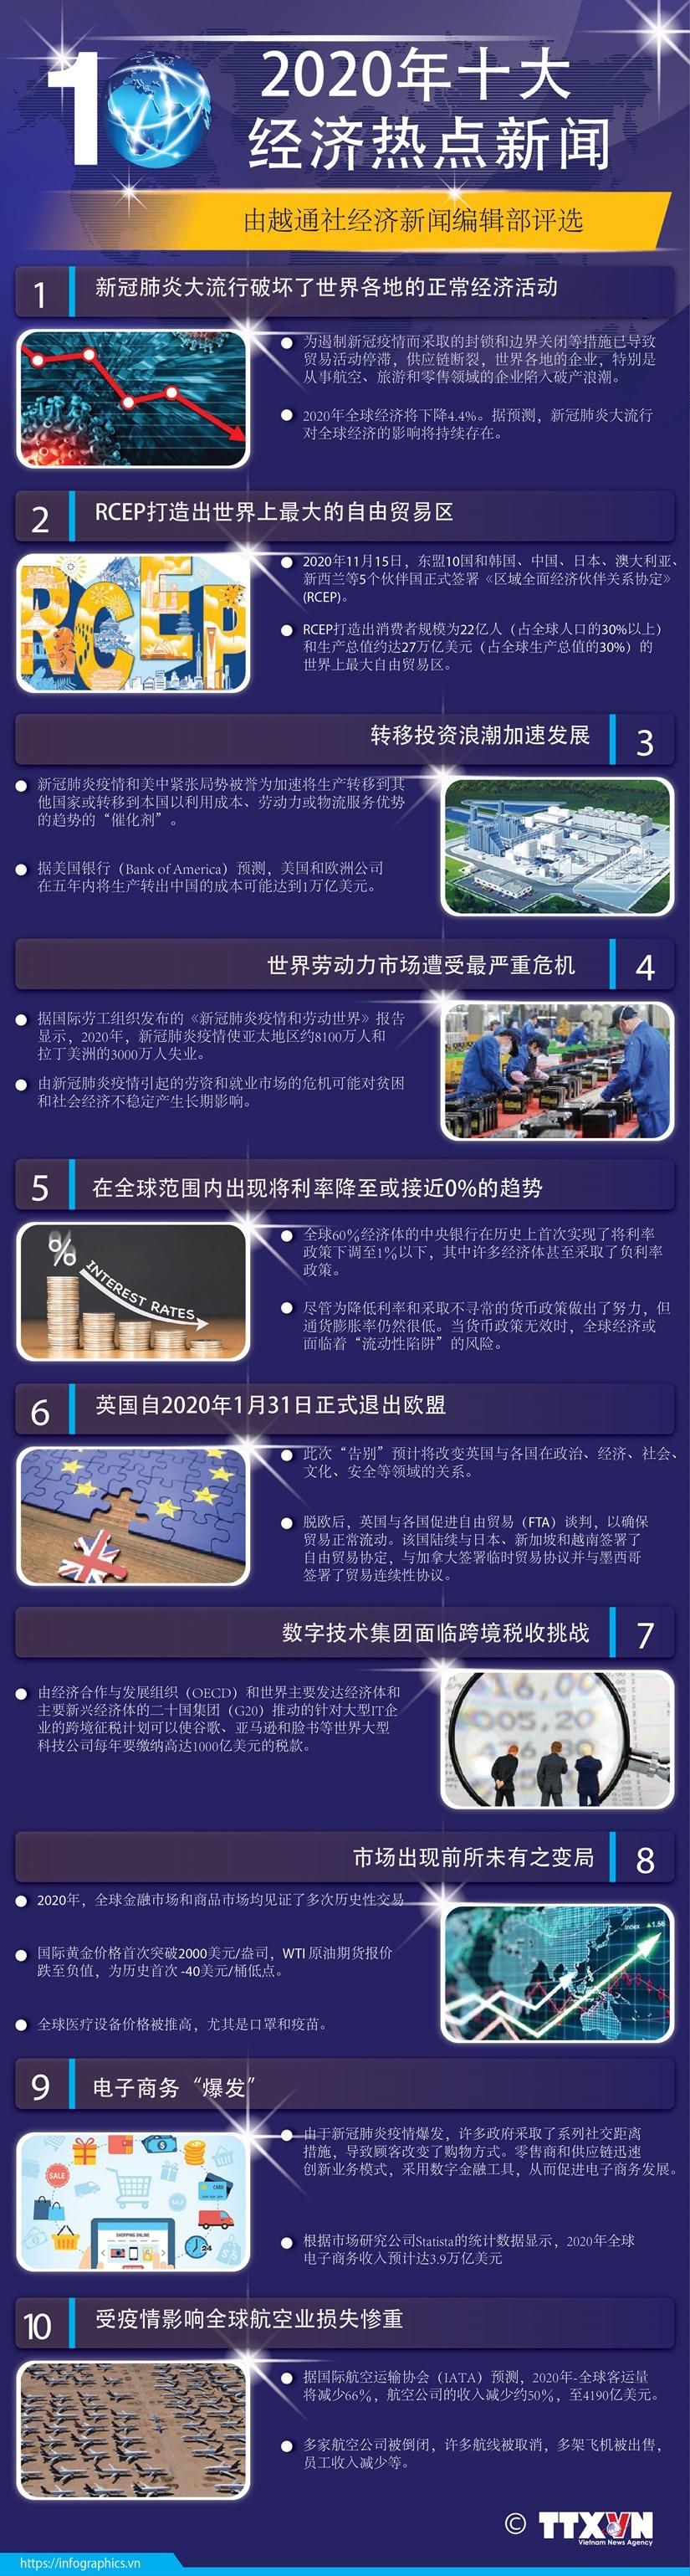 图表新闻:2020年国际十大经济热点新闻 hinh anh 2